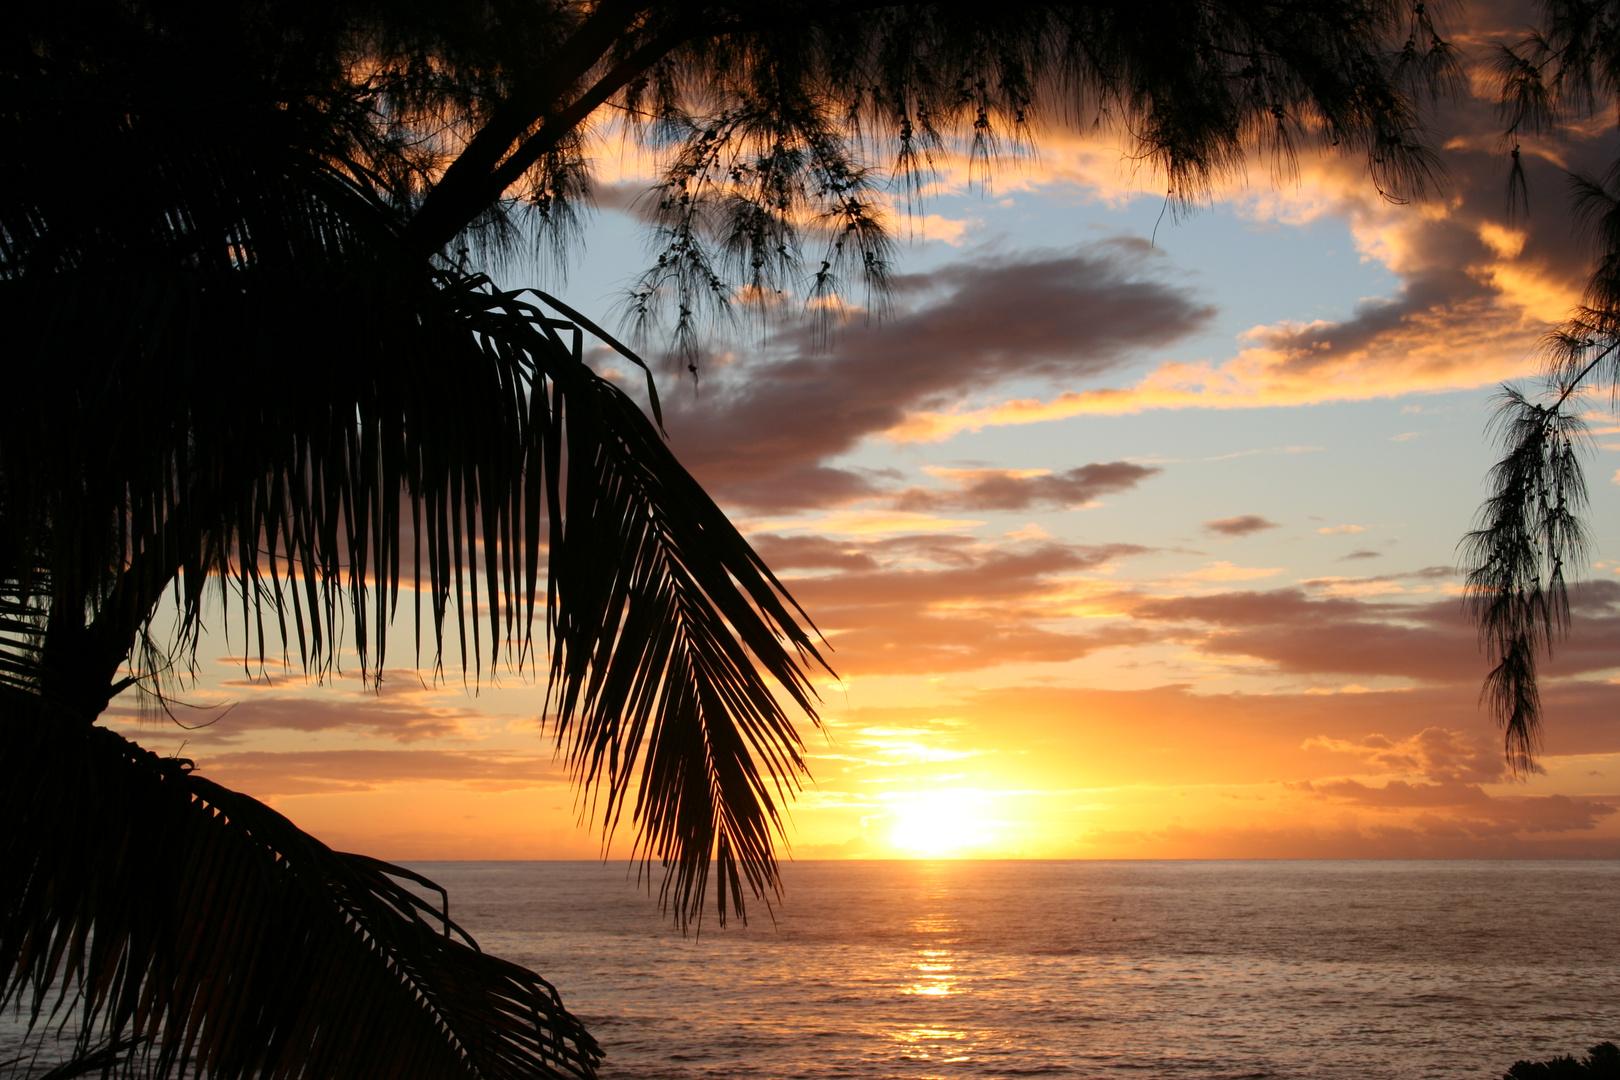 coucher de soleil a boucan canot la réunion